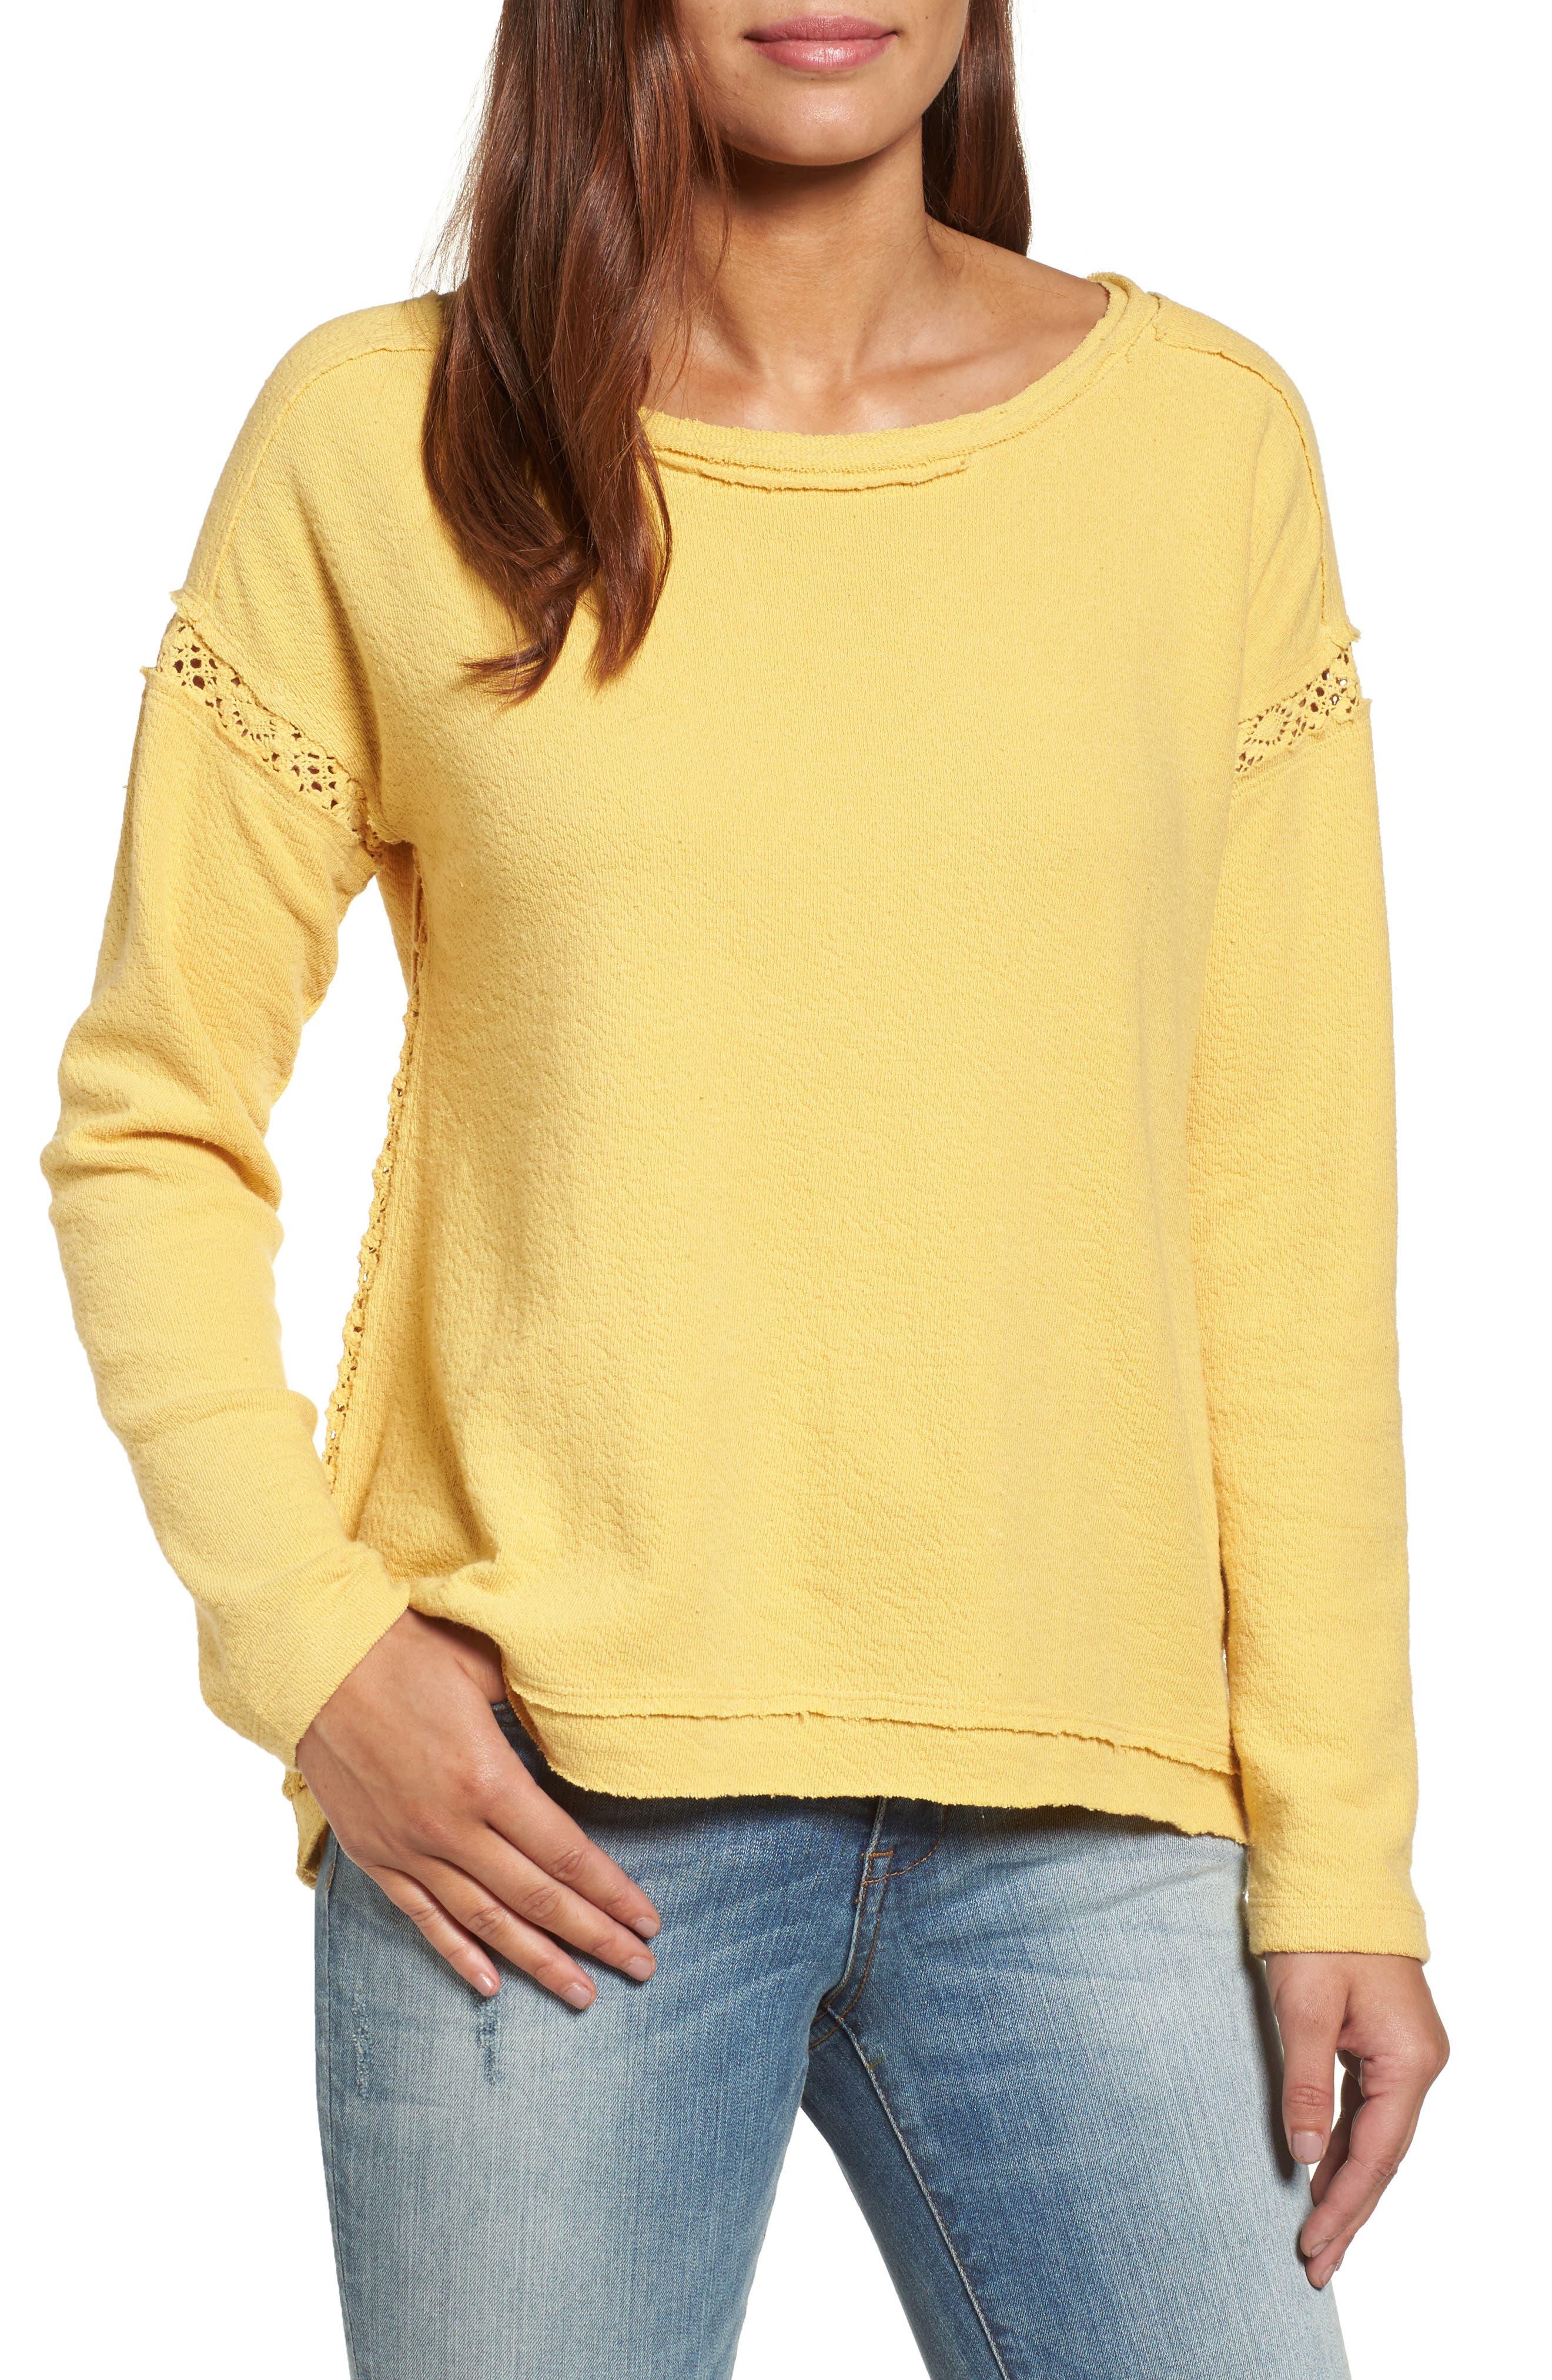 Main Image - Caslon® Crochet Lace Trim Sweatshirt